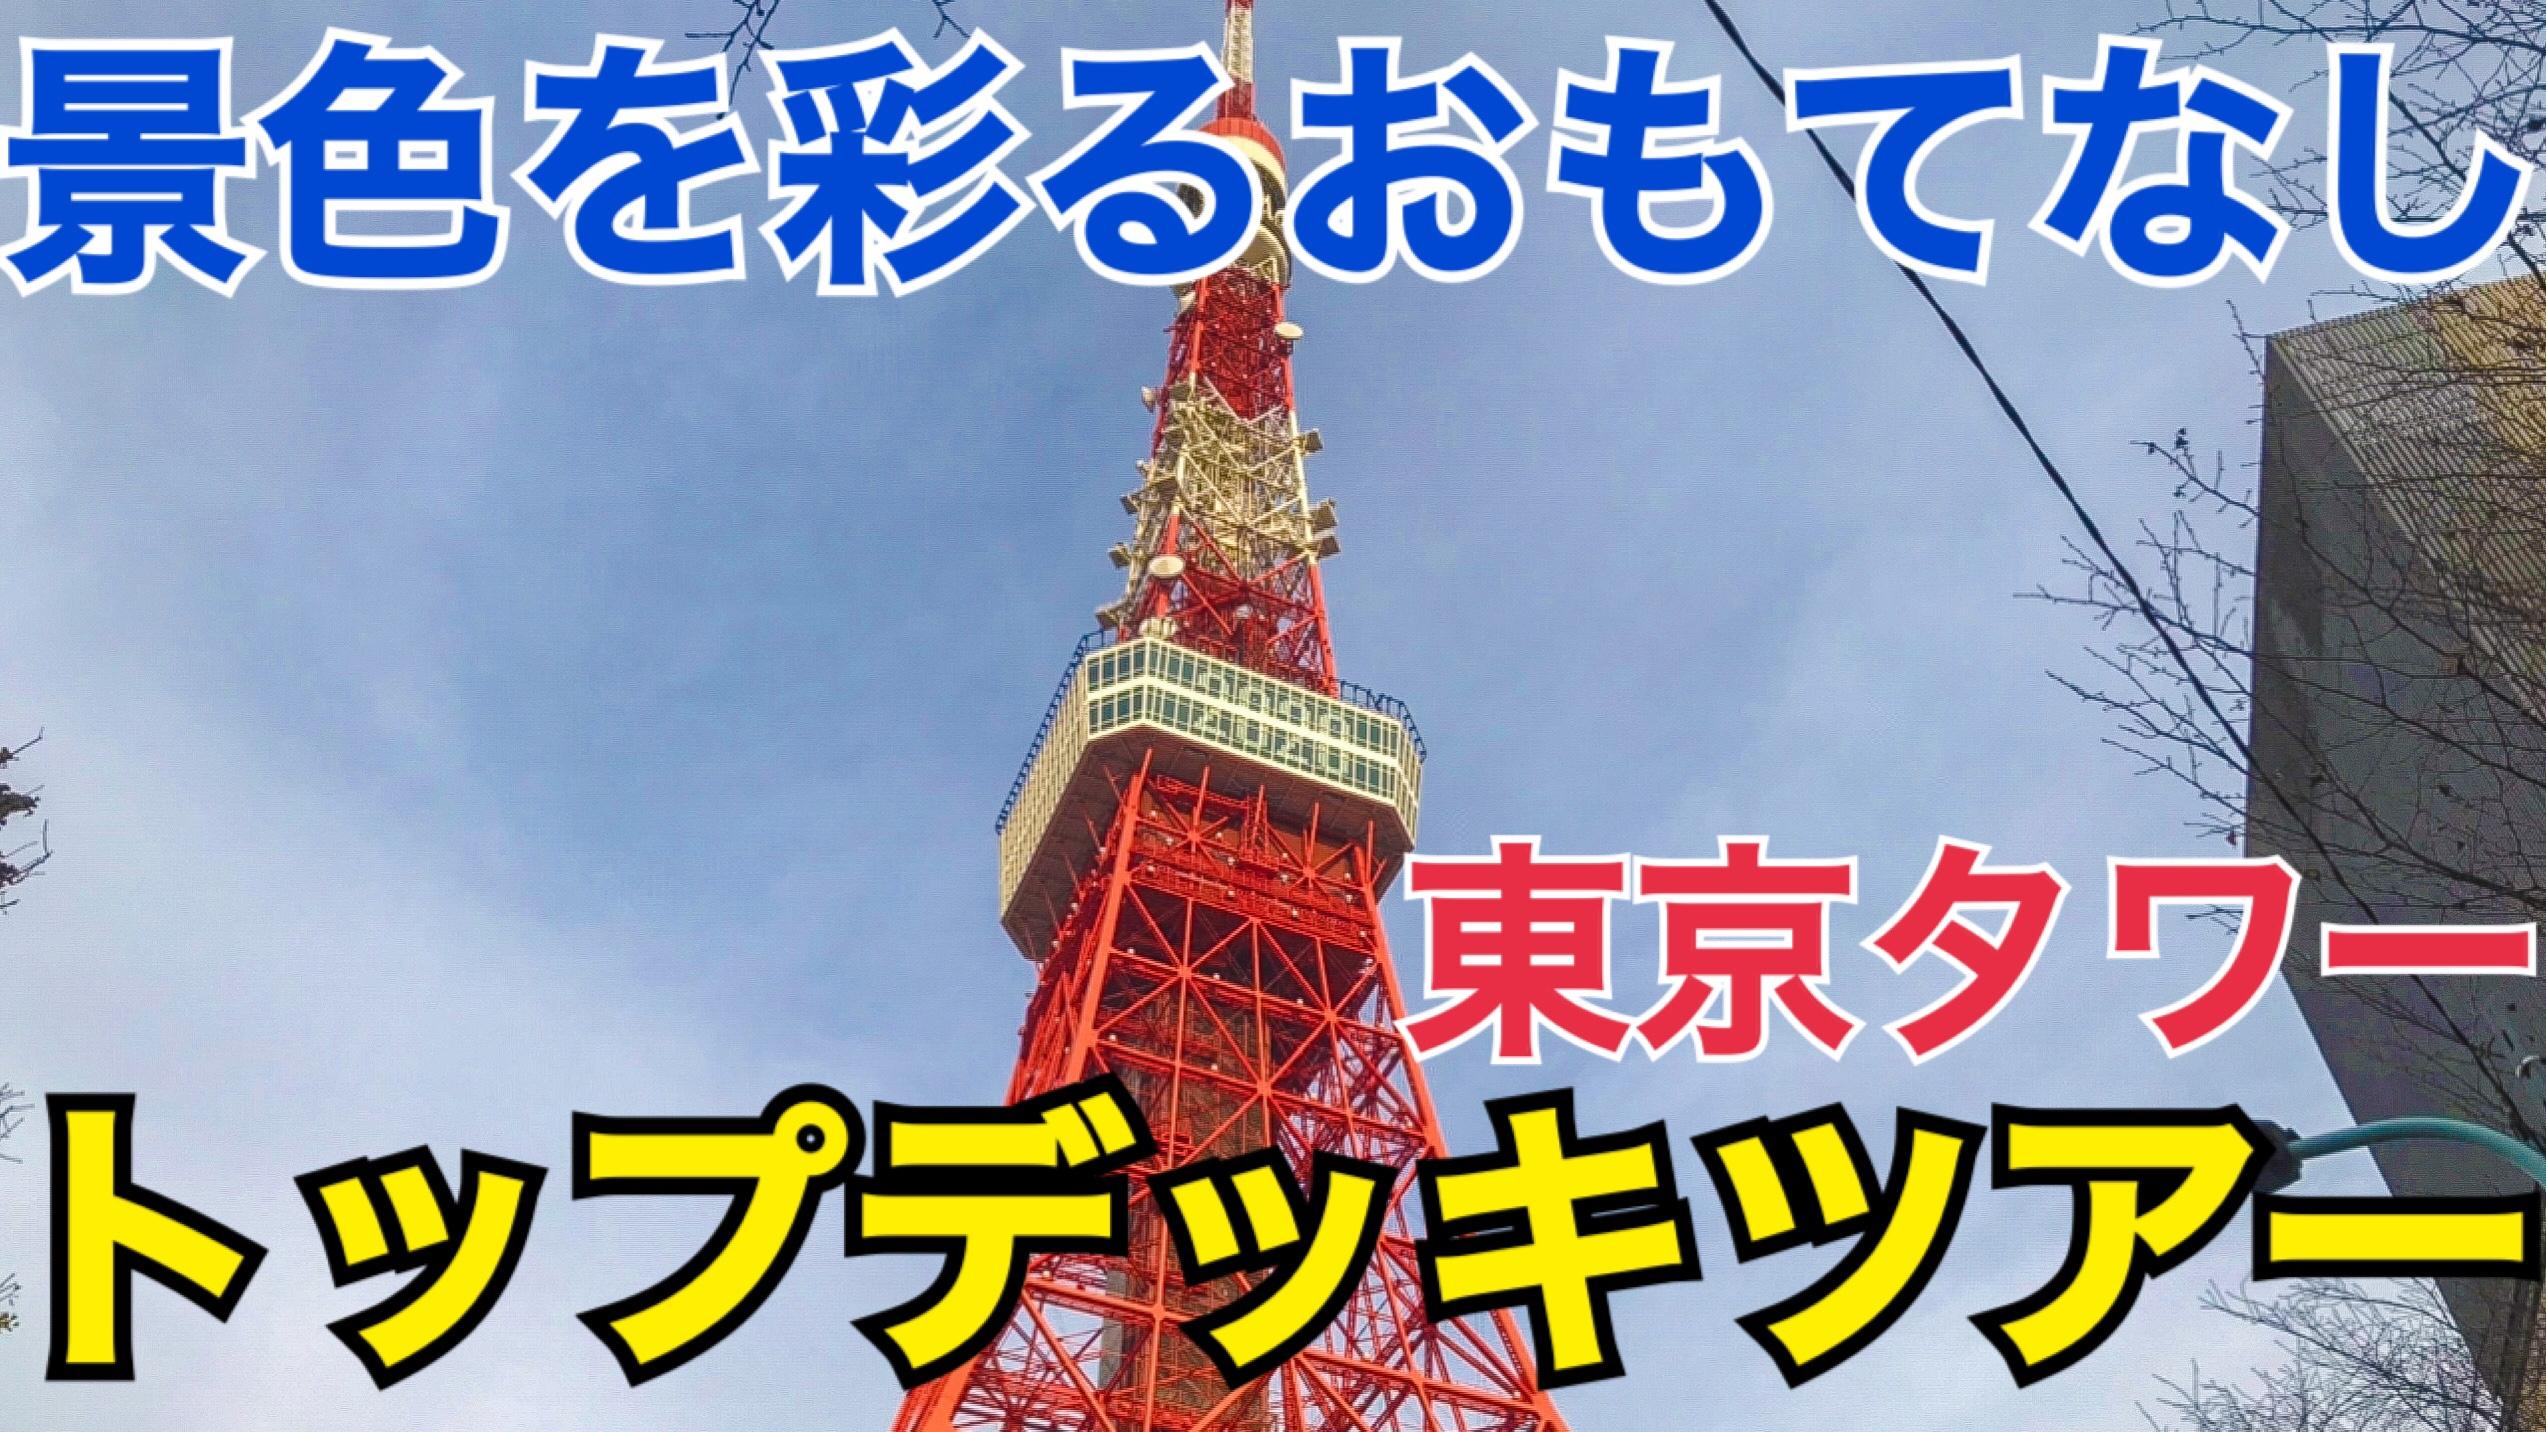 景色だけじゃない!東京タワーのトップデッキツアーに参加してみた!【関東満喫の旅】